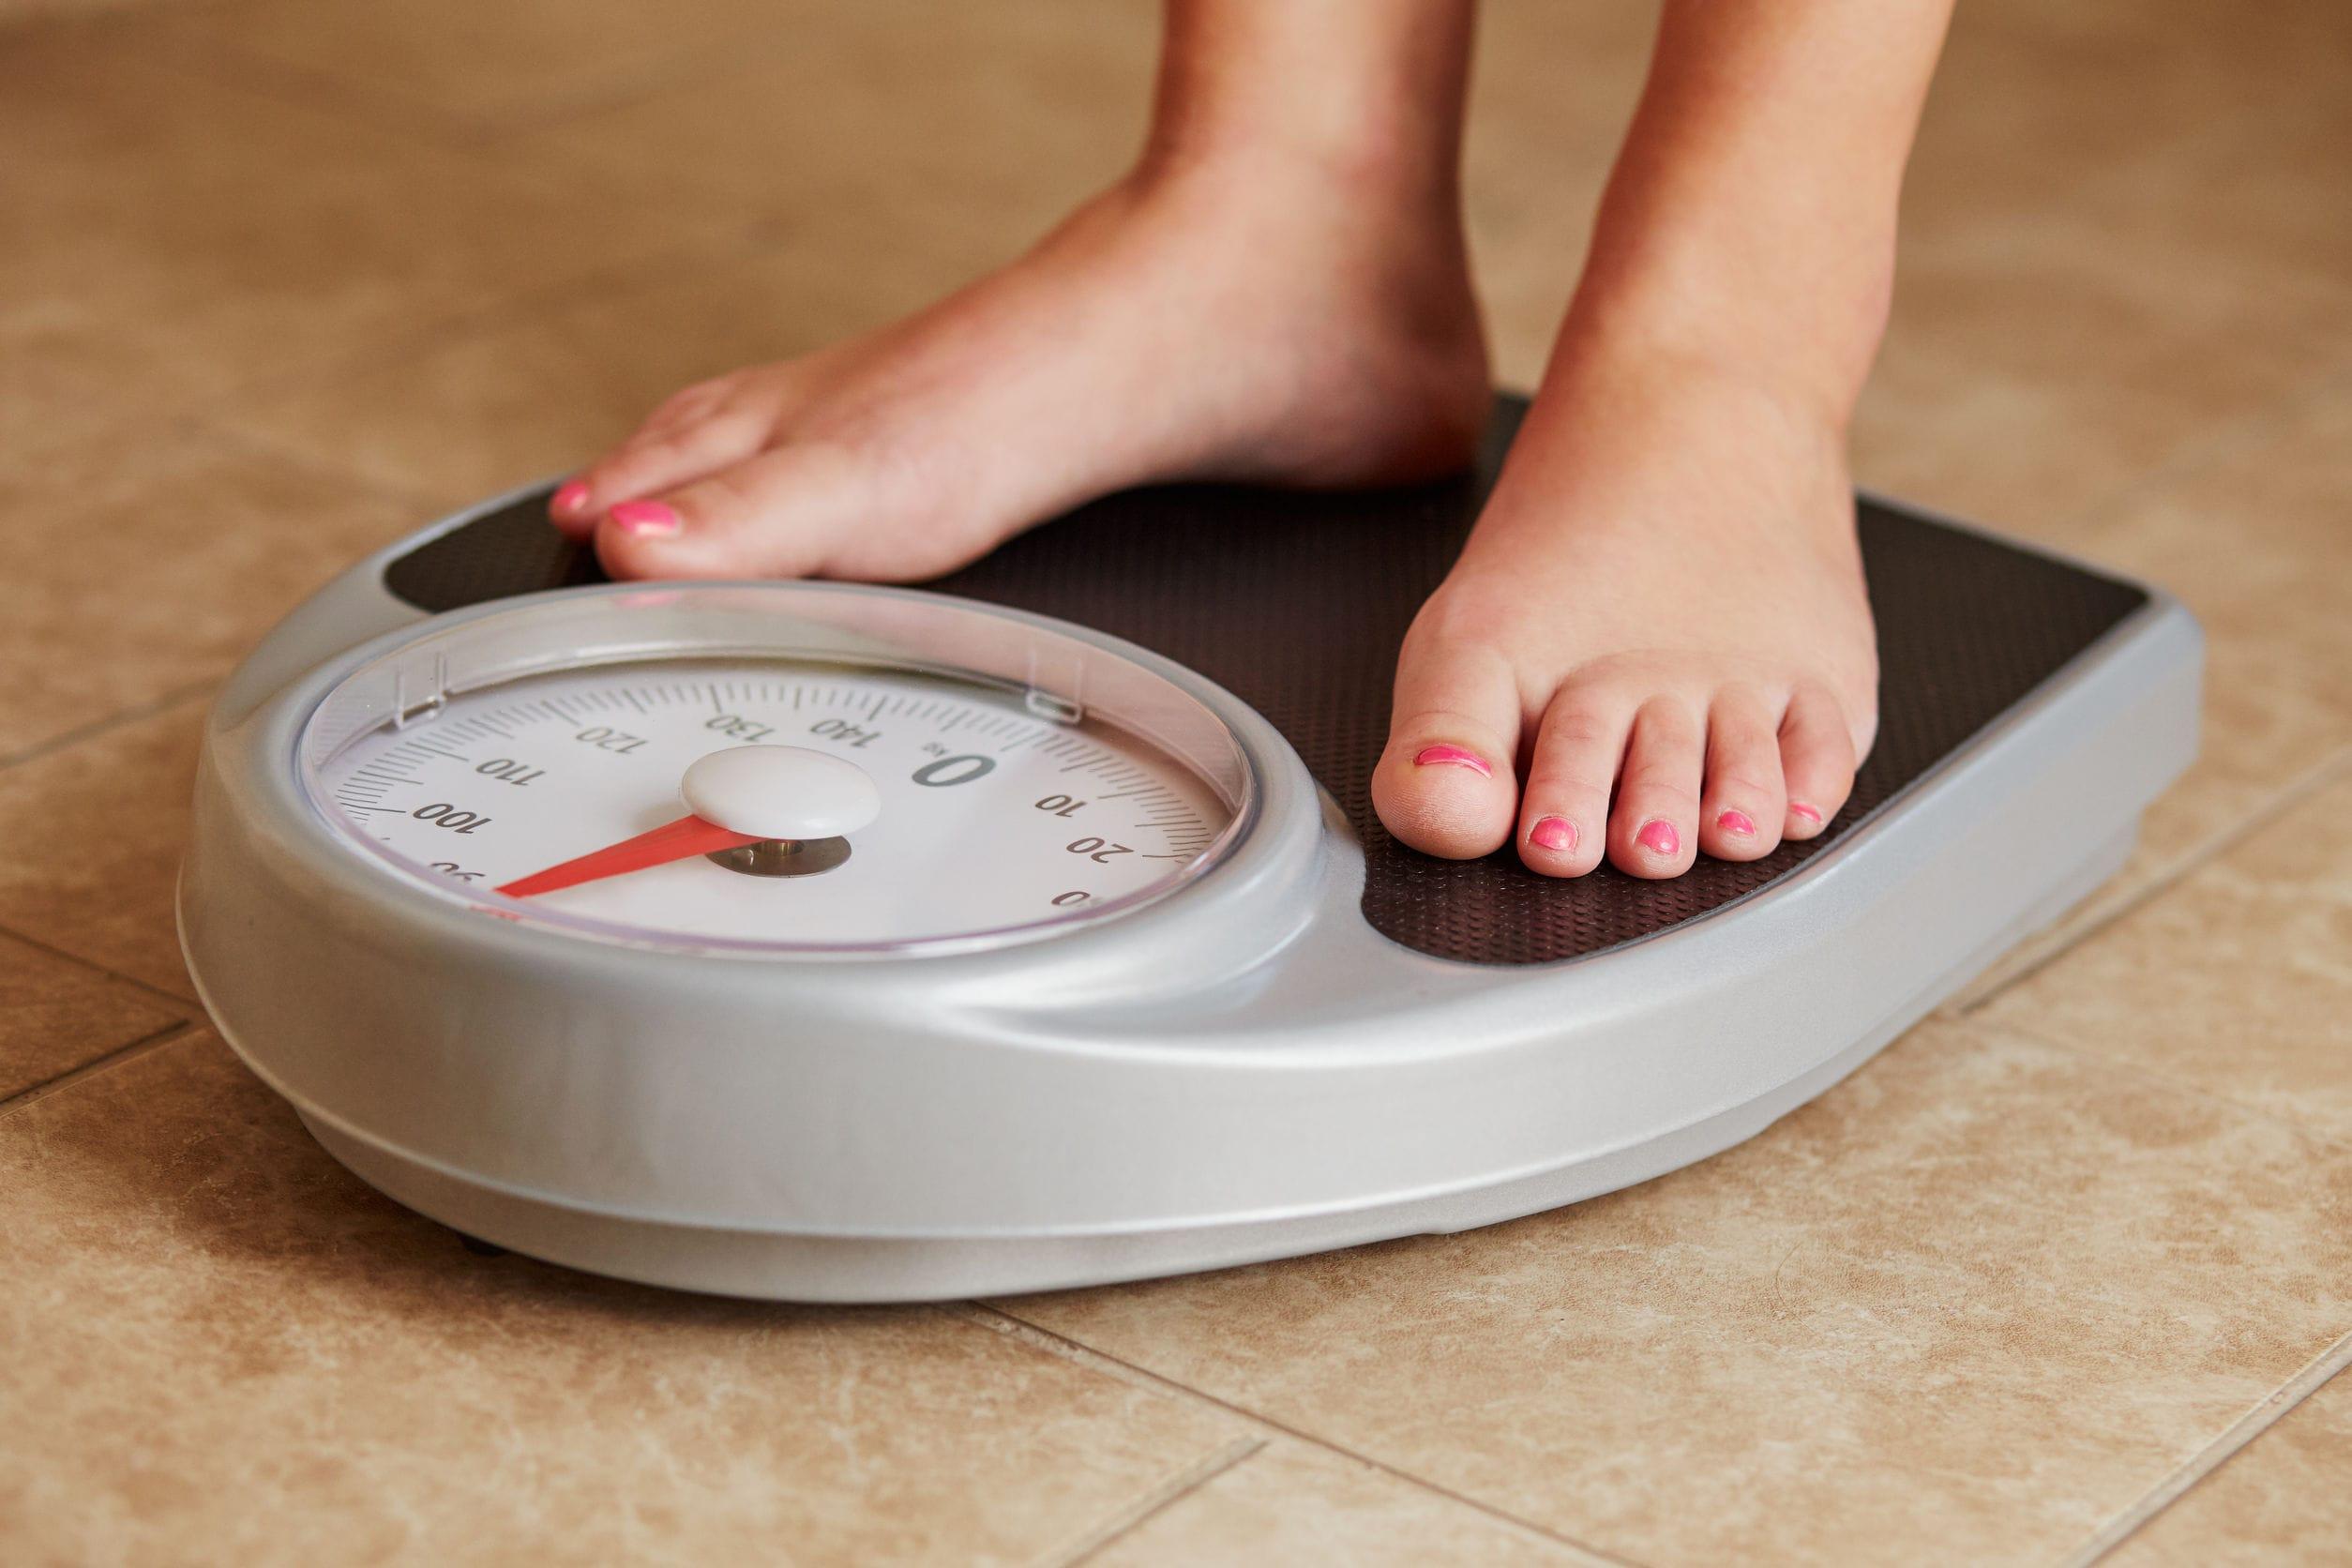 ダイエット総選挙肉食やせダイエット体重